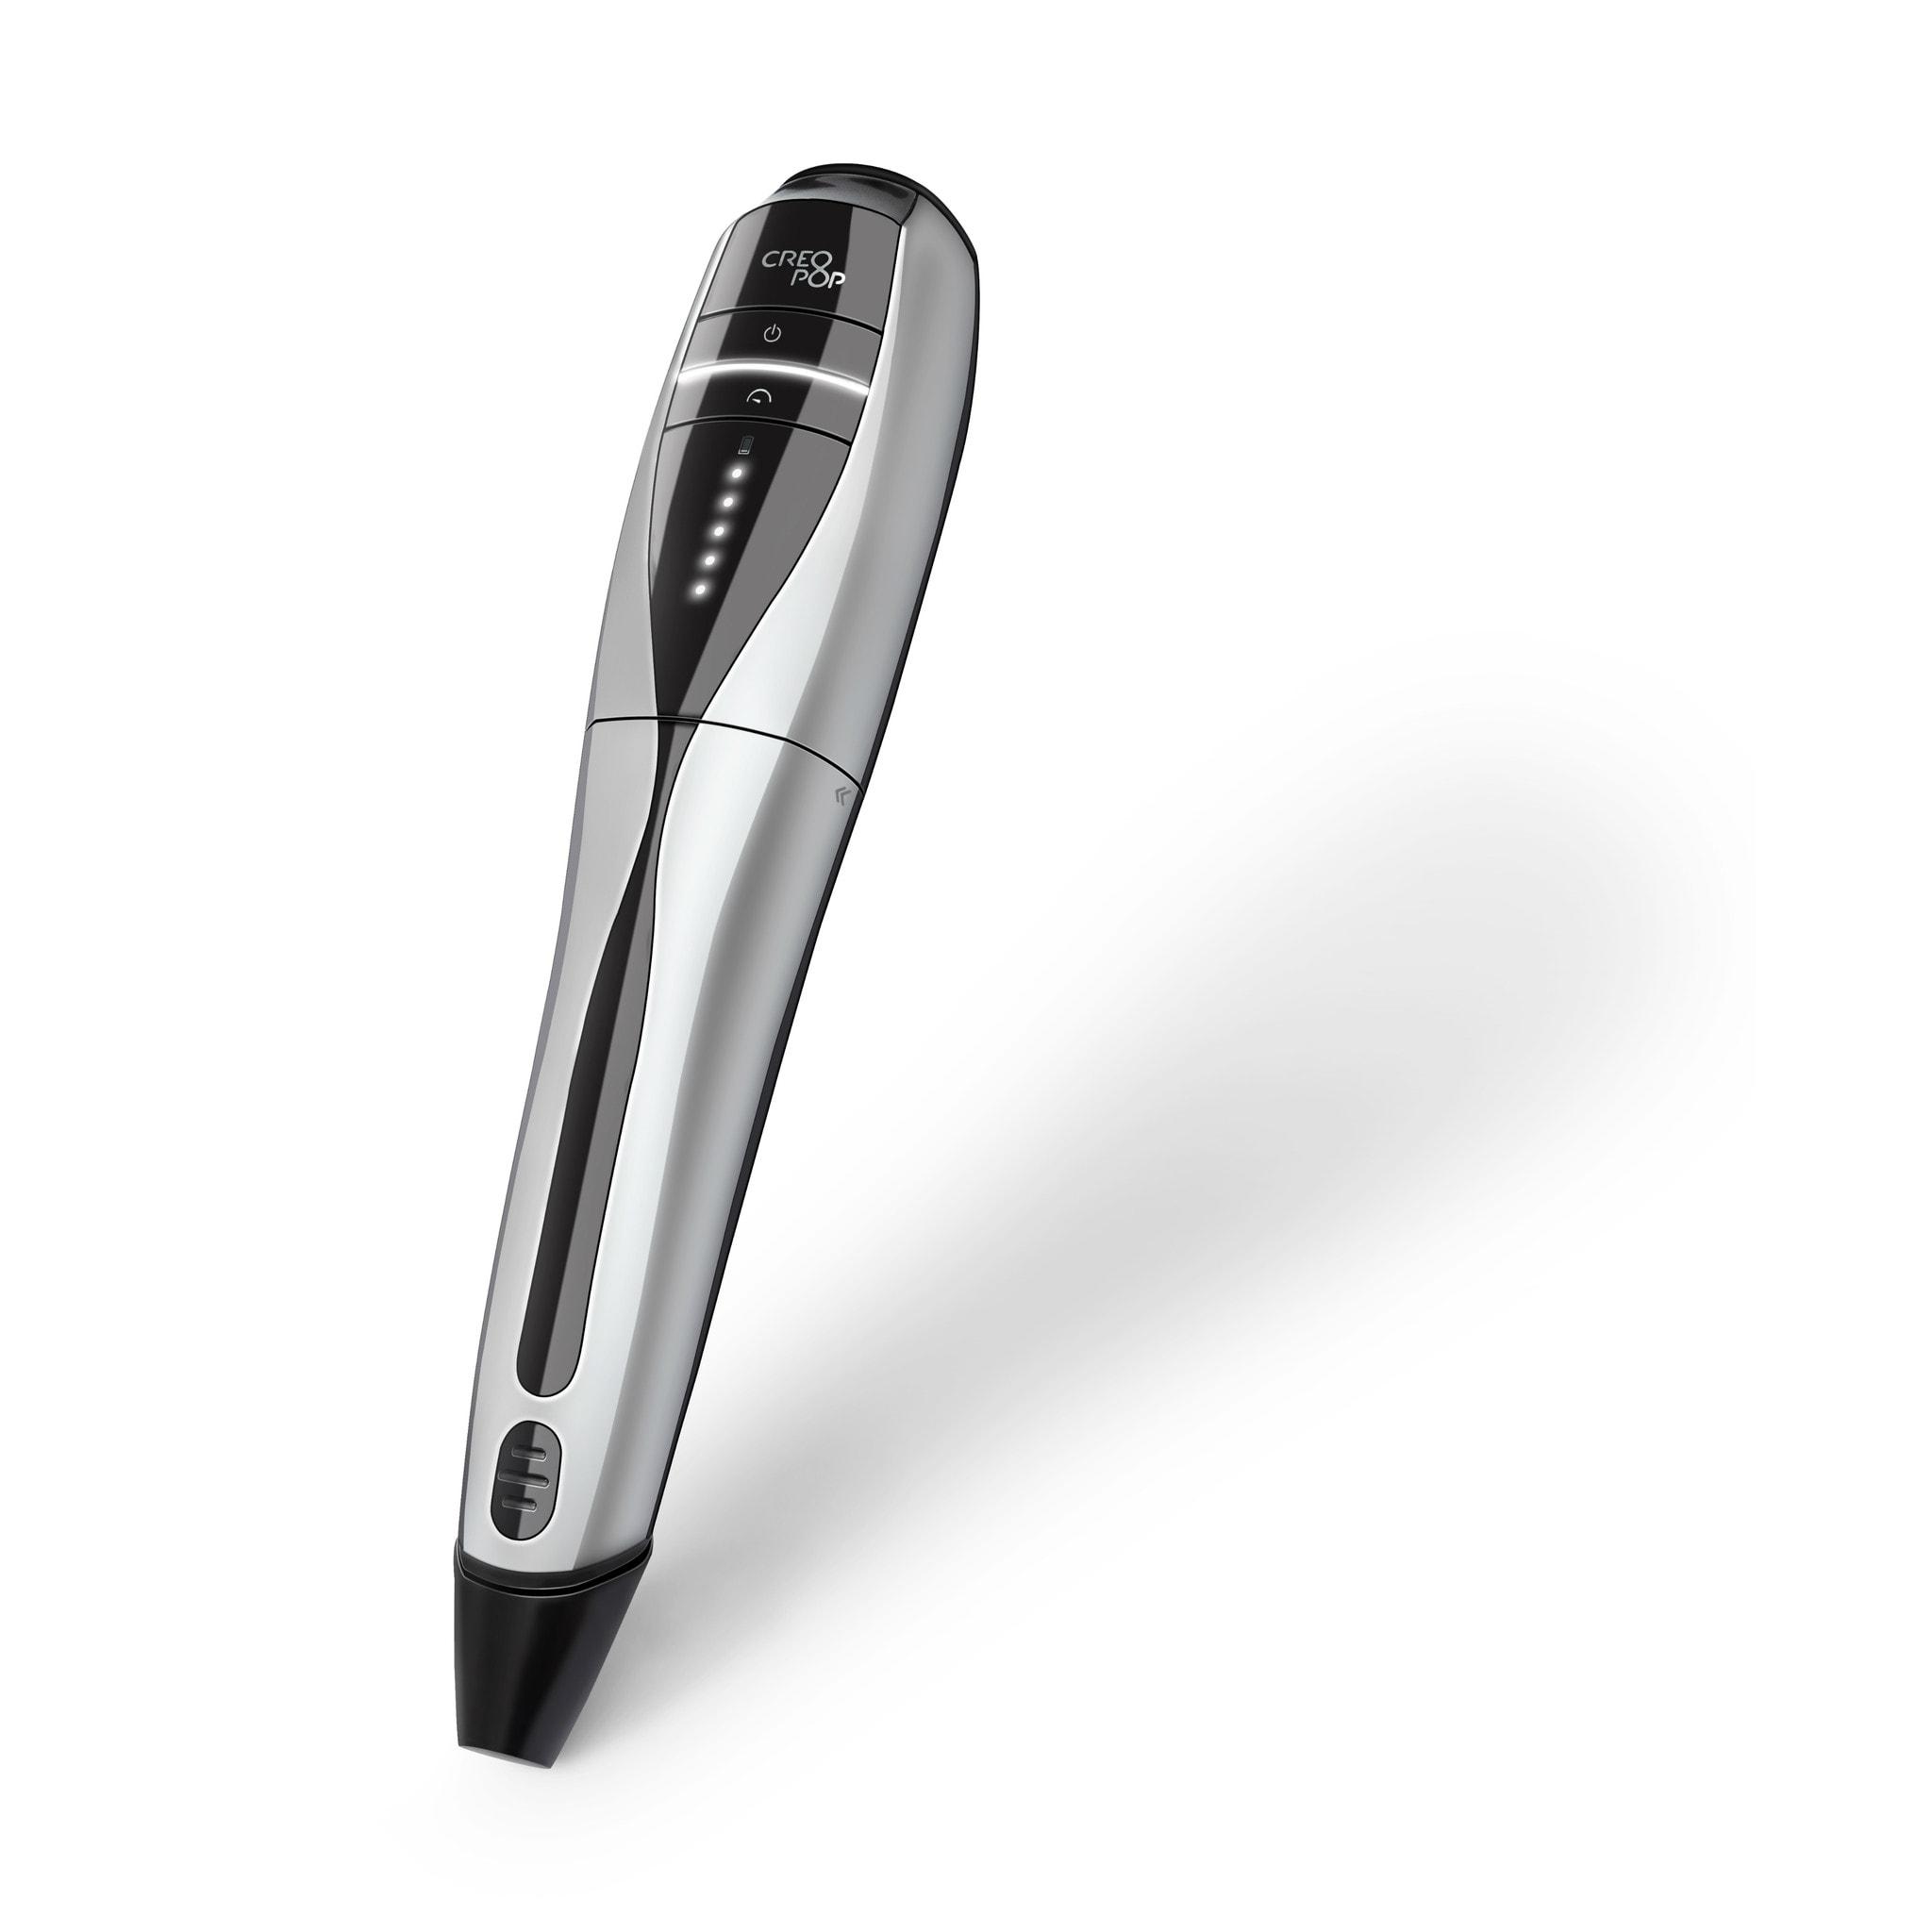 CreoPop – Первая в мире 3D ручка с «холодными чернилами»